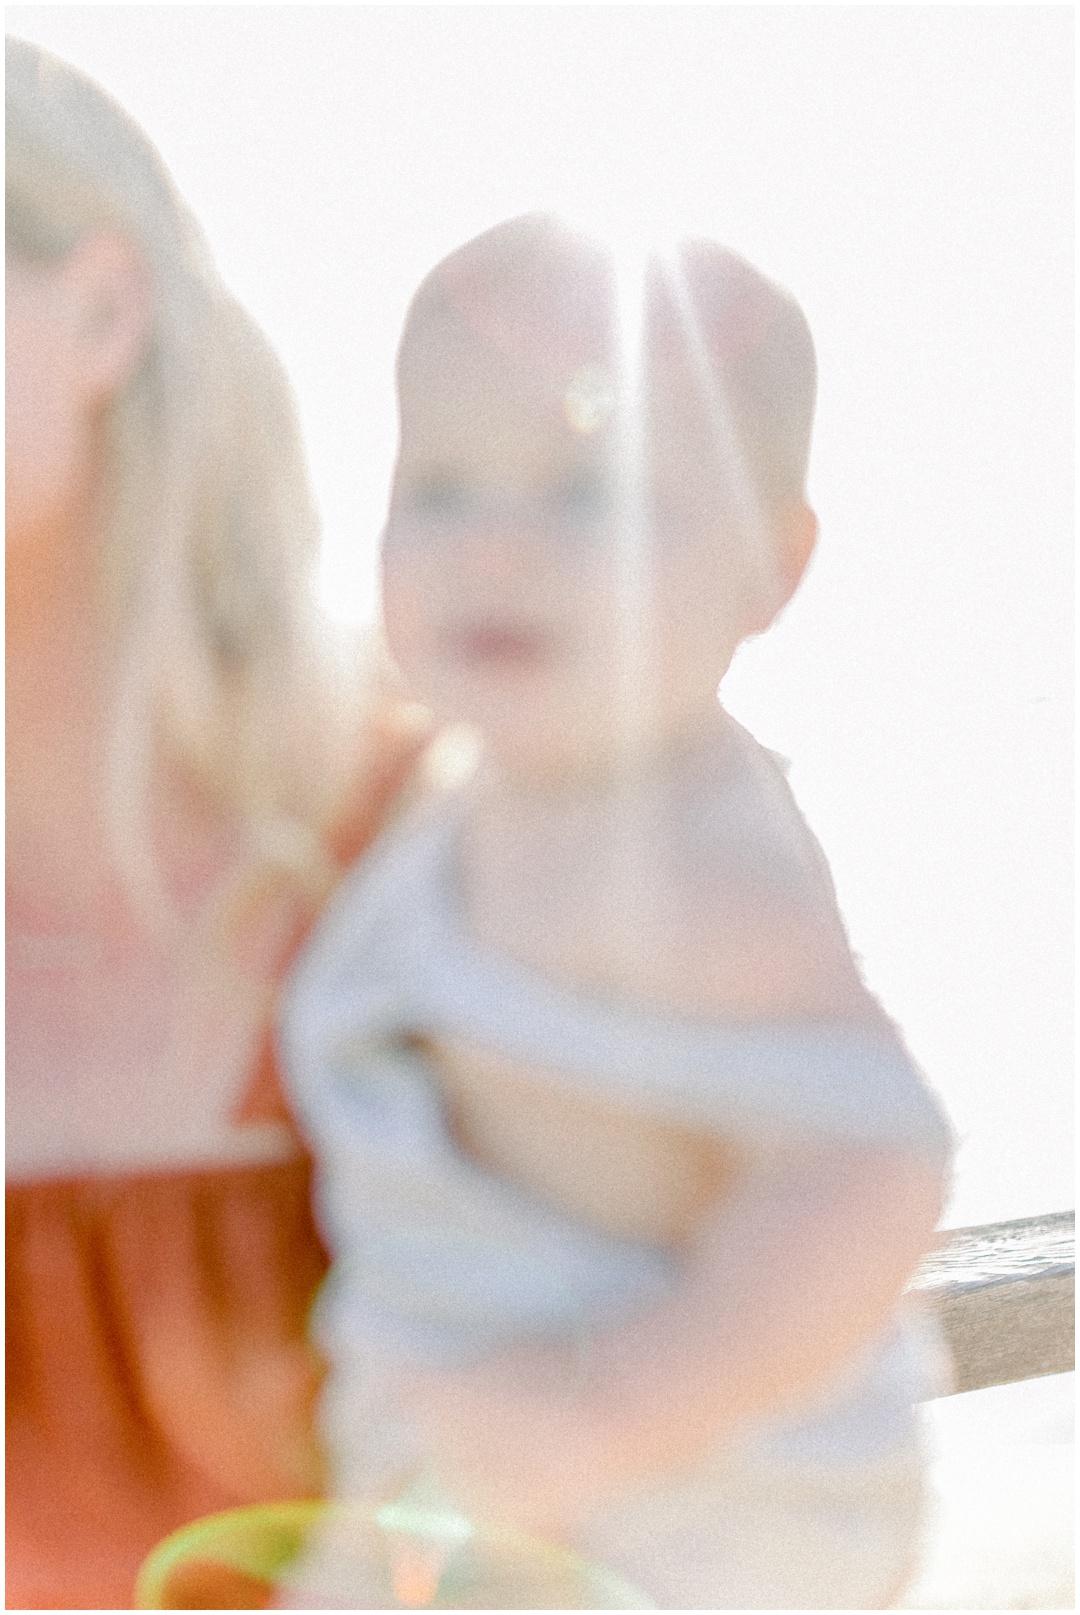 Newport_Beach_Newborn_Light_Airy_Natural_Photographer_Newport_Beach_Photographer_Orange_County_Family_Photographer_Cori_Kleckner_Photography_Huntington_Beach_Photographer_Family_OC_Newborn_Kelly_Bandak_Nik_Bandak__3500.jpg